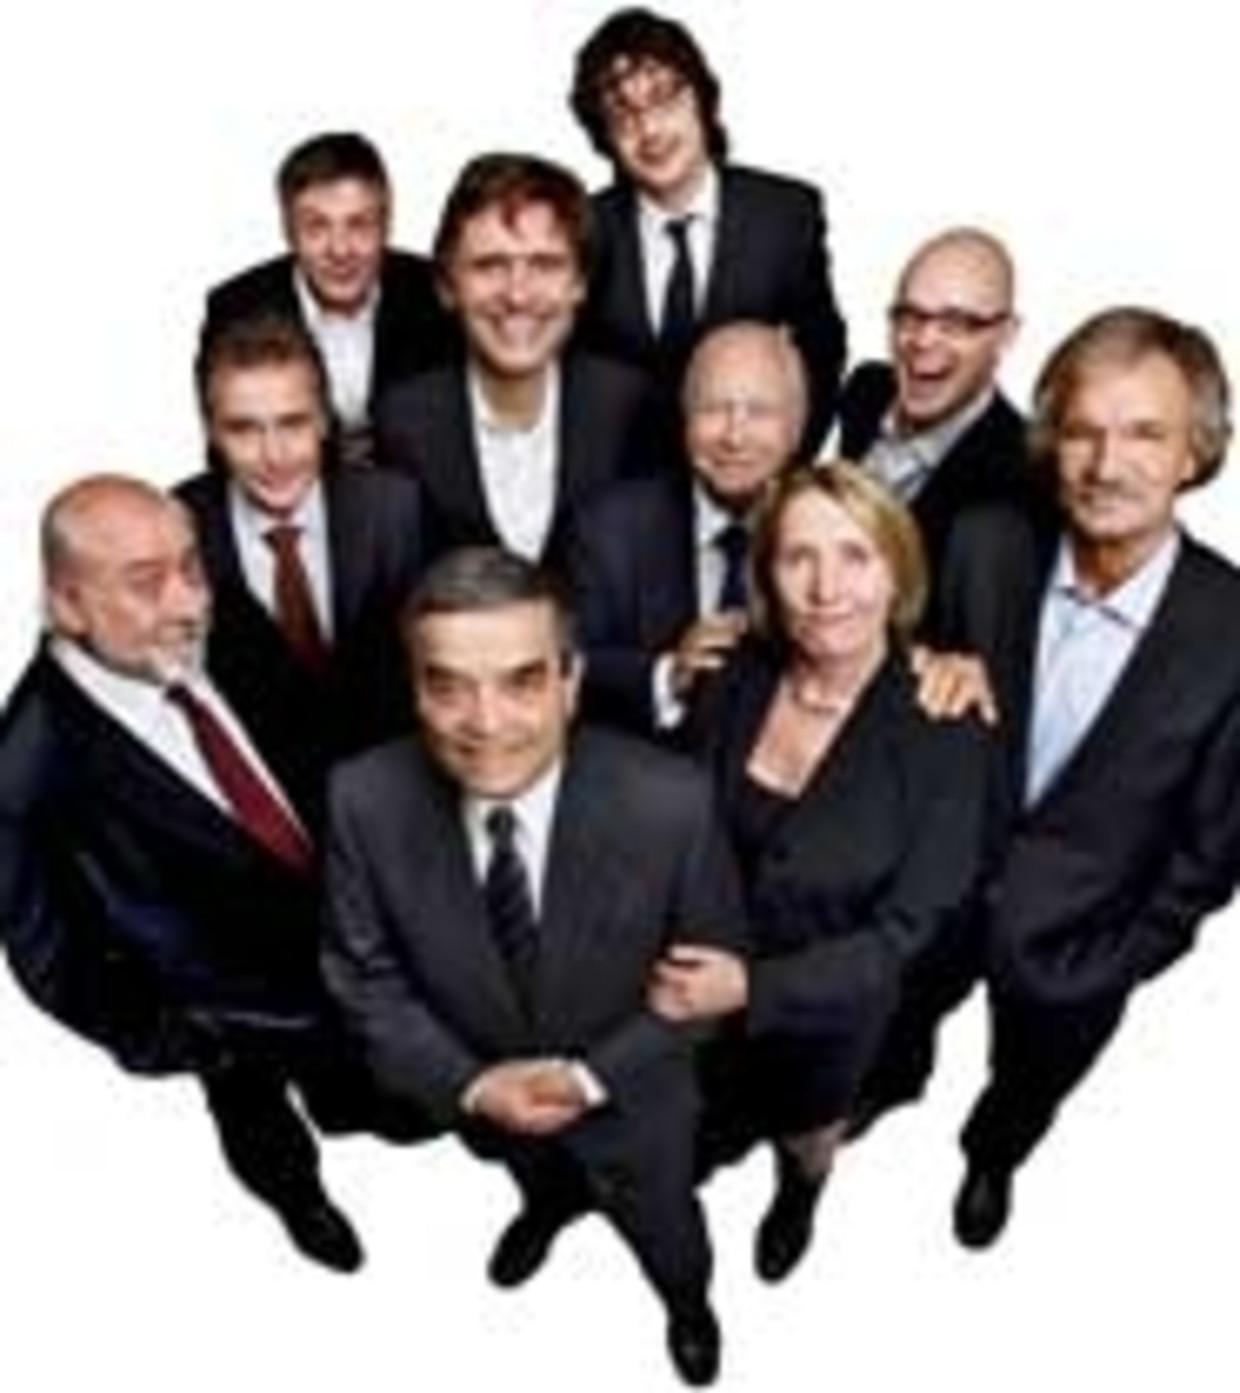 De Slimste Mens Ter Wereld De Jury Stelt Zich Voor Humo